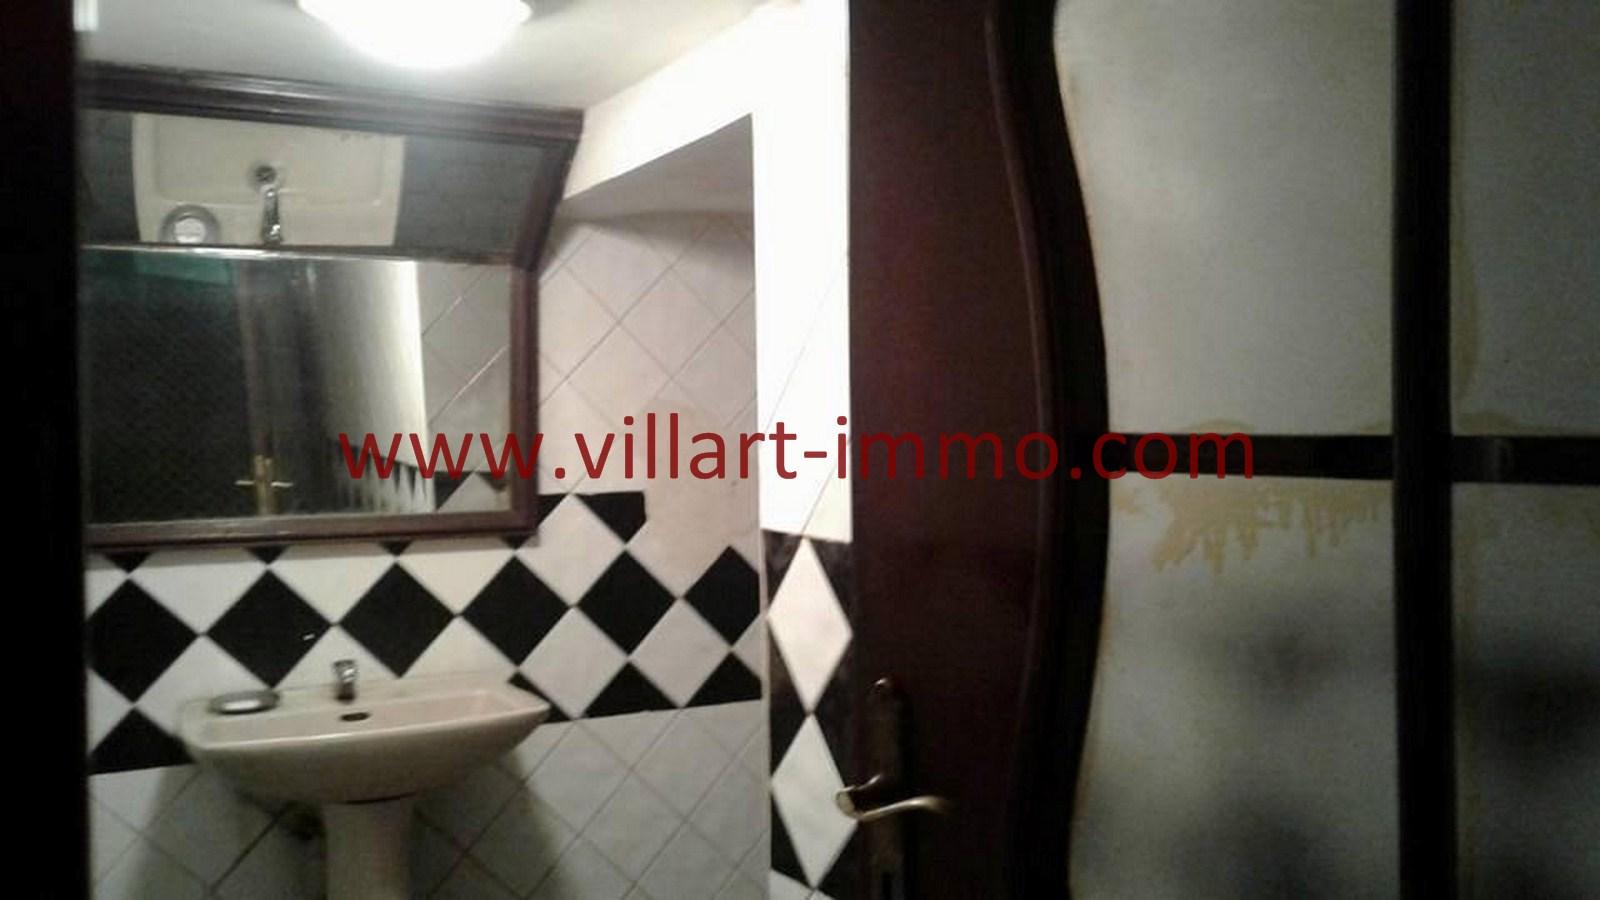 4-Vente-Local-Centre-Ville-Tanger-Toilette de service-Villart Immo